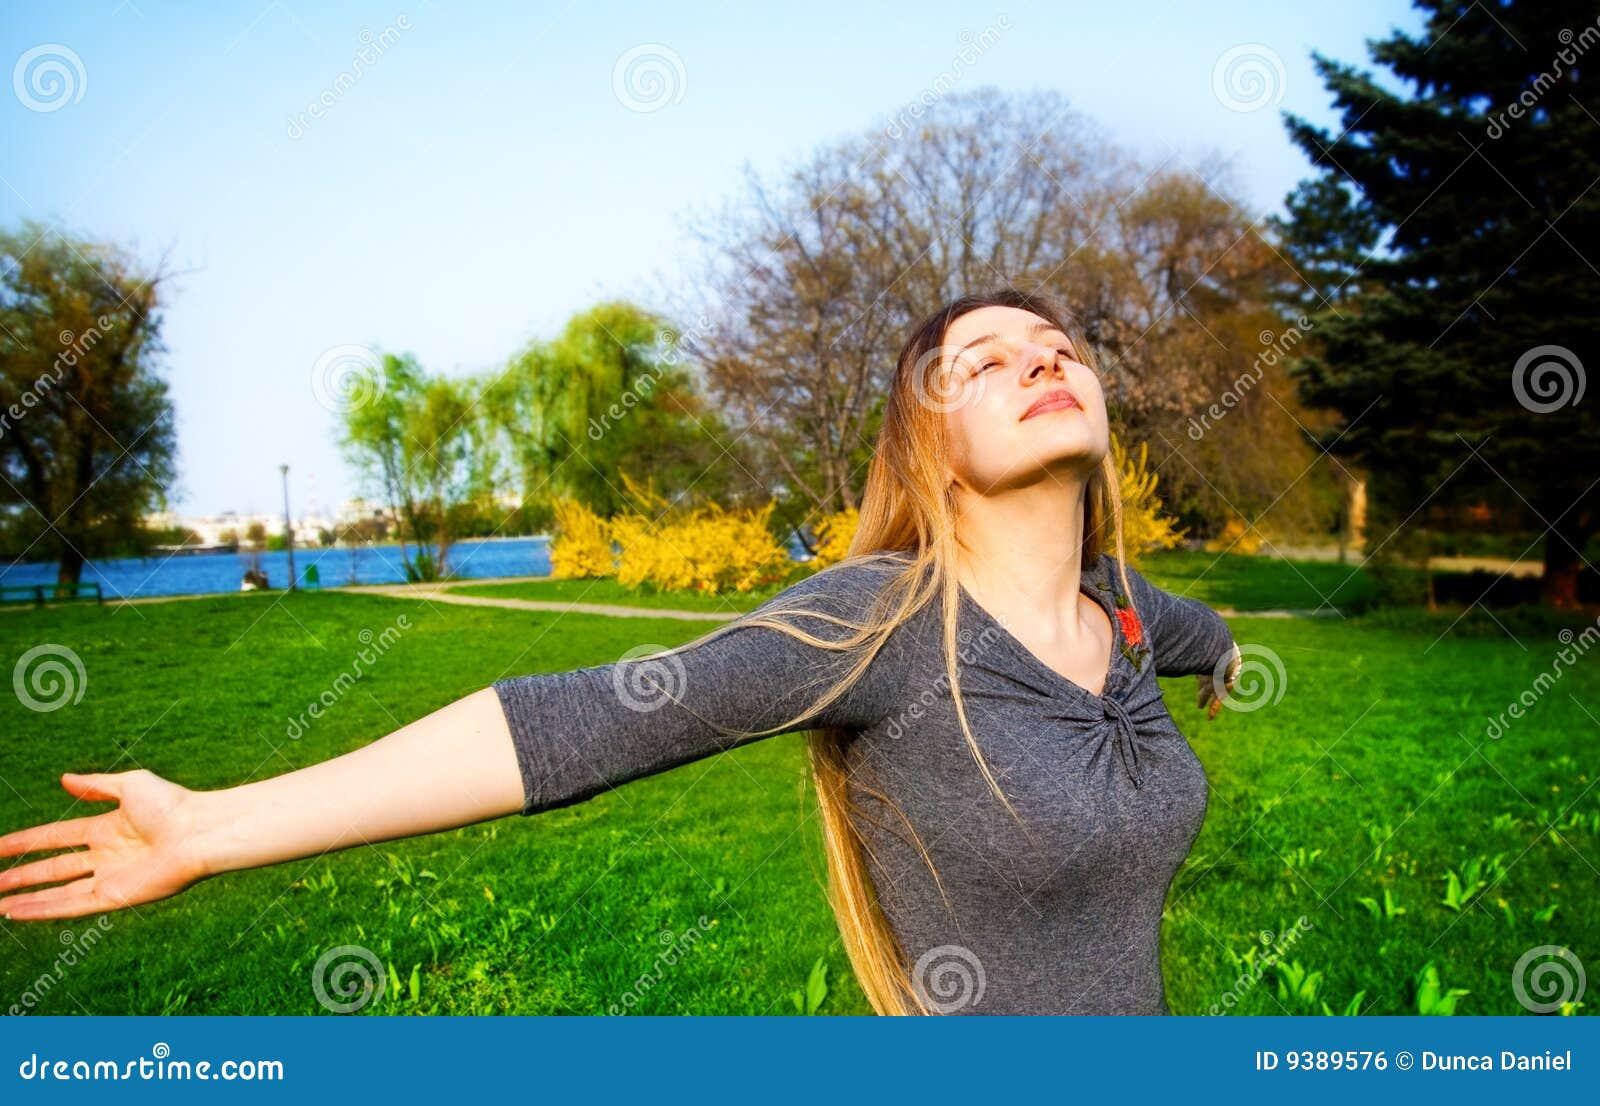 Mujer hermosa joven feliz y libre al aire libre